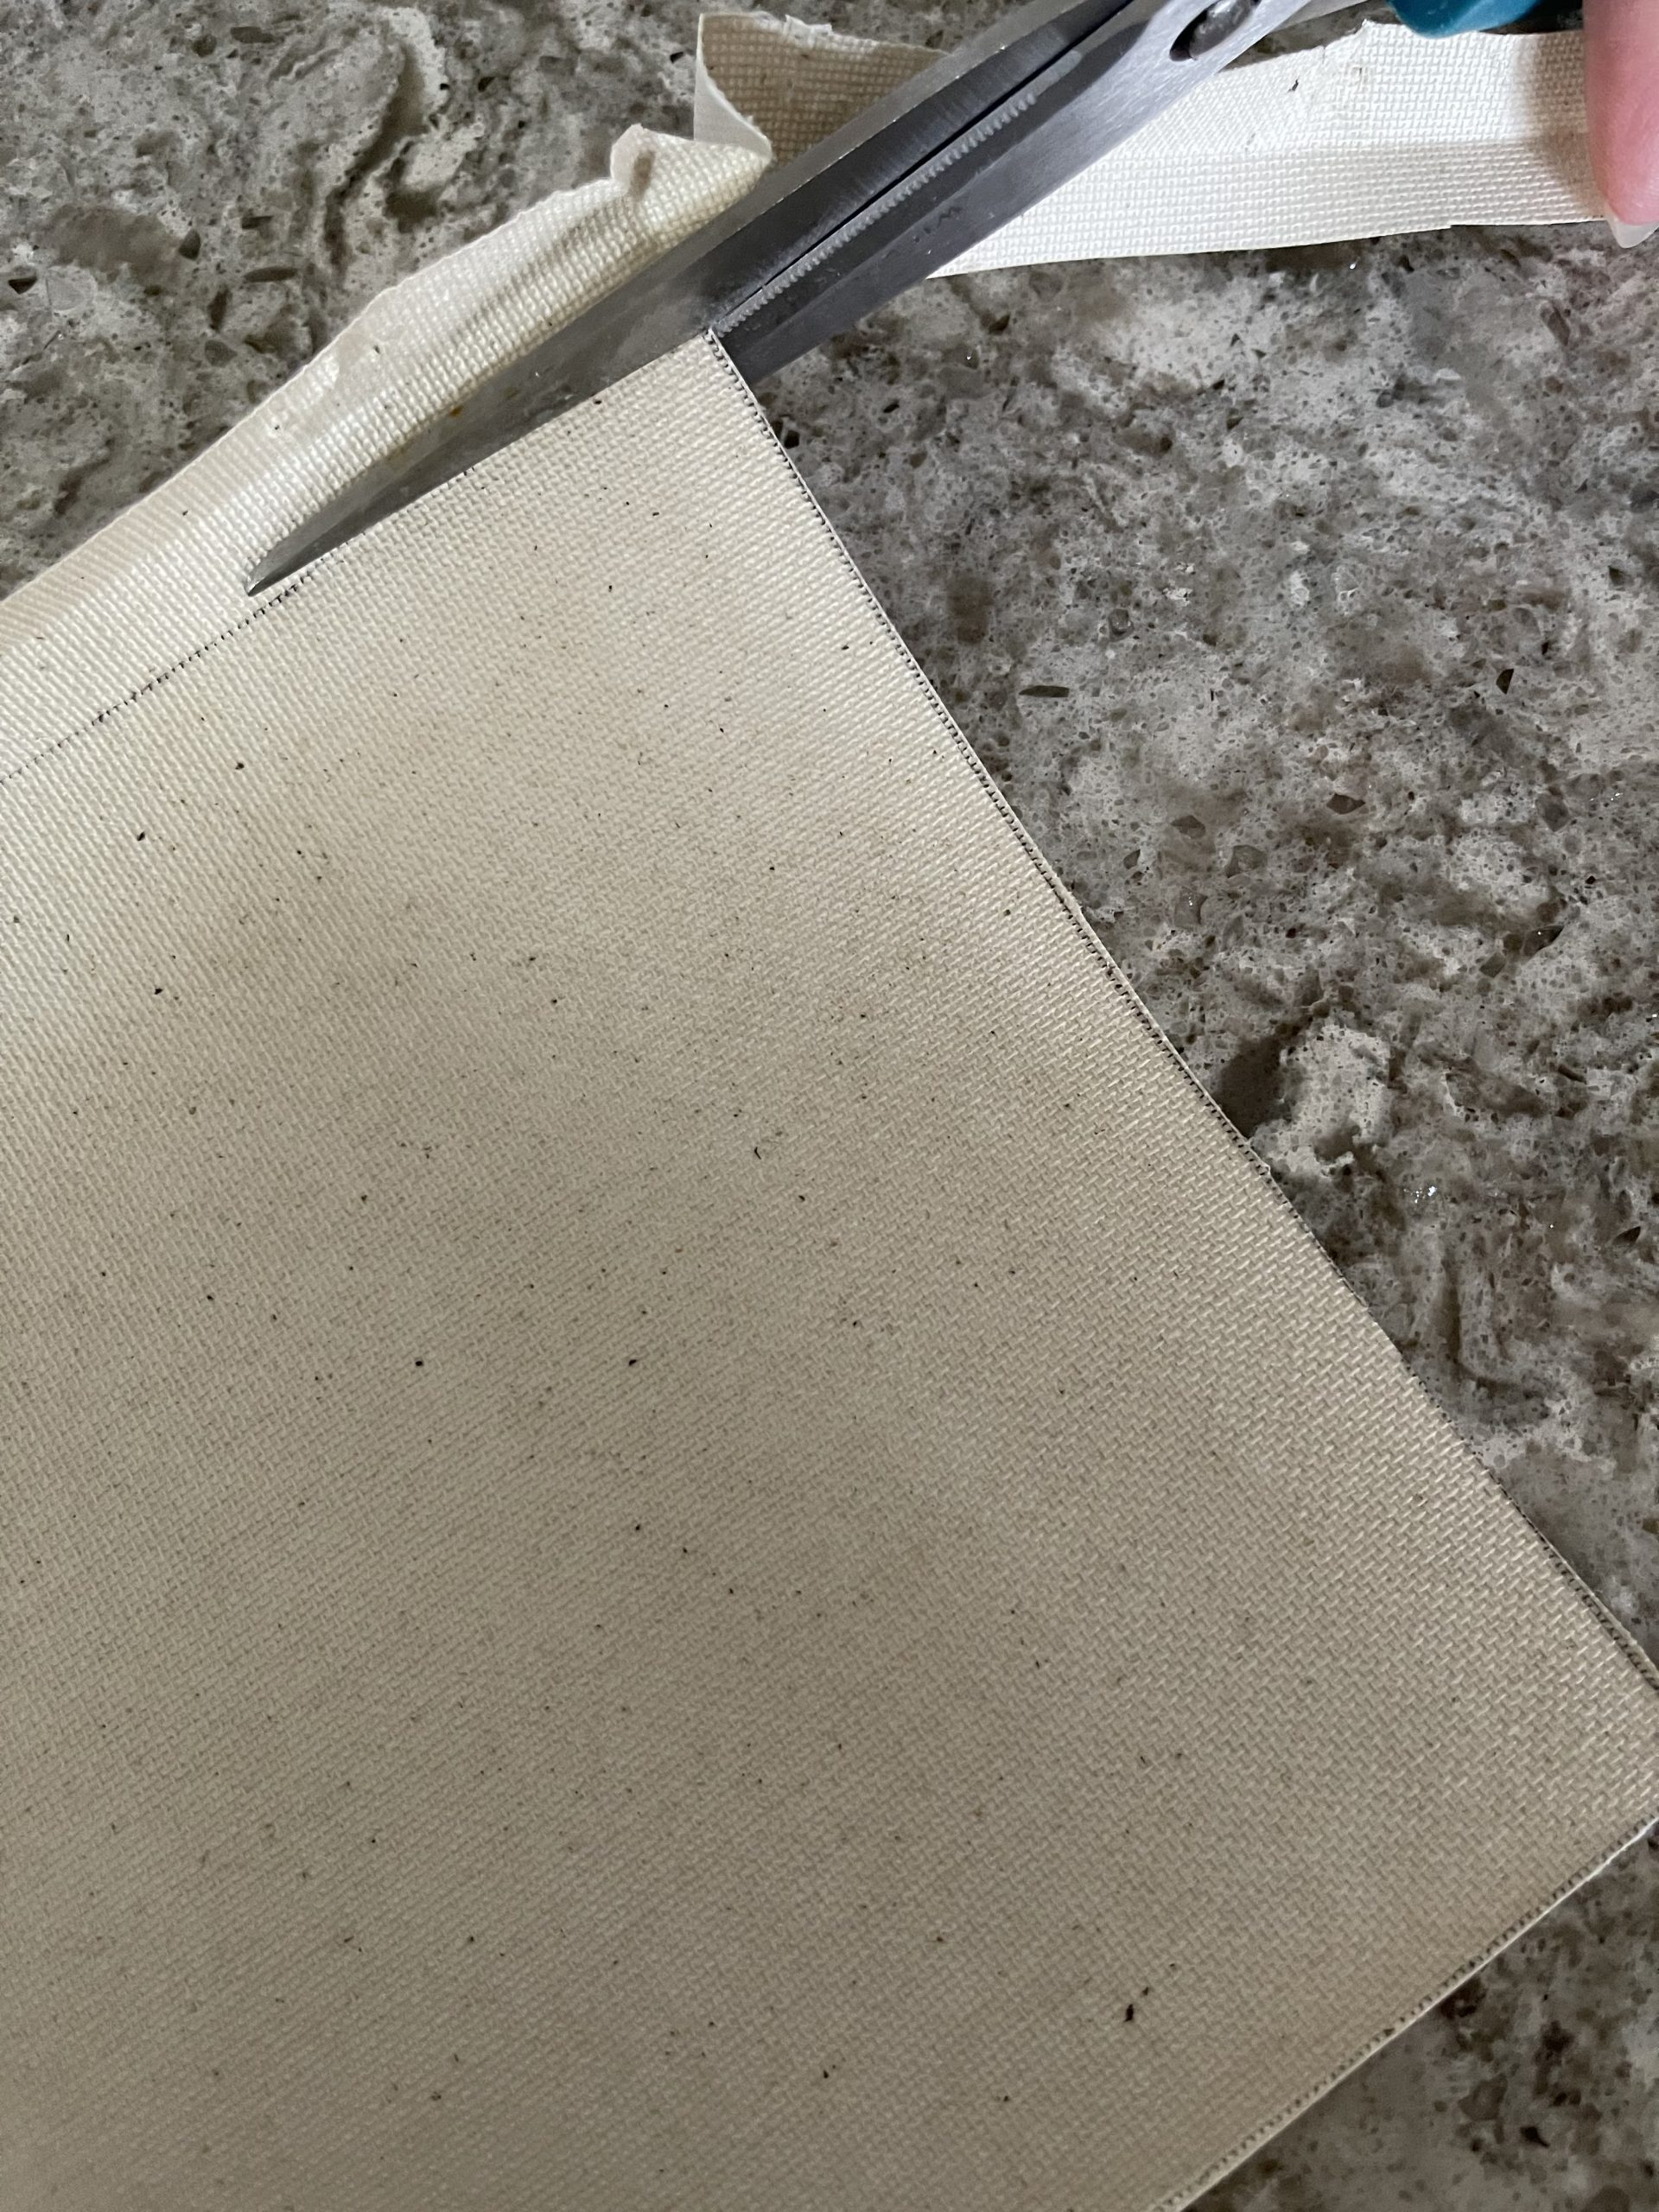 cutting canvas